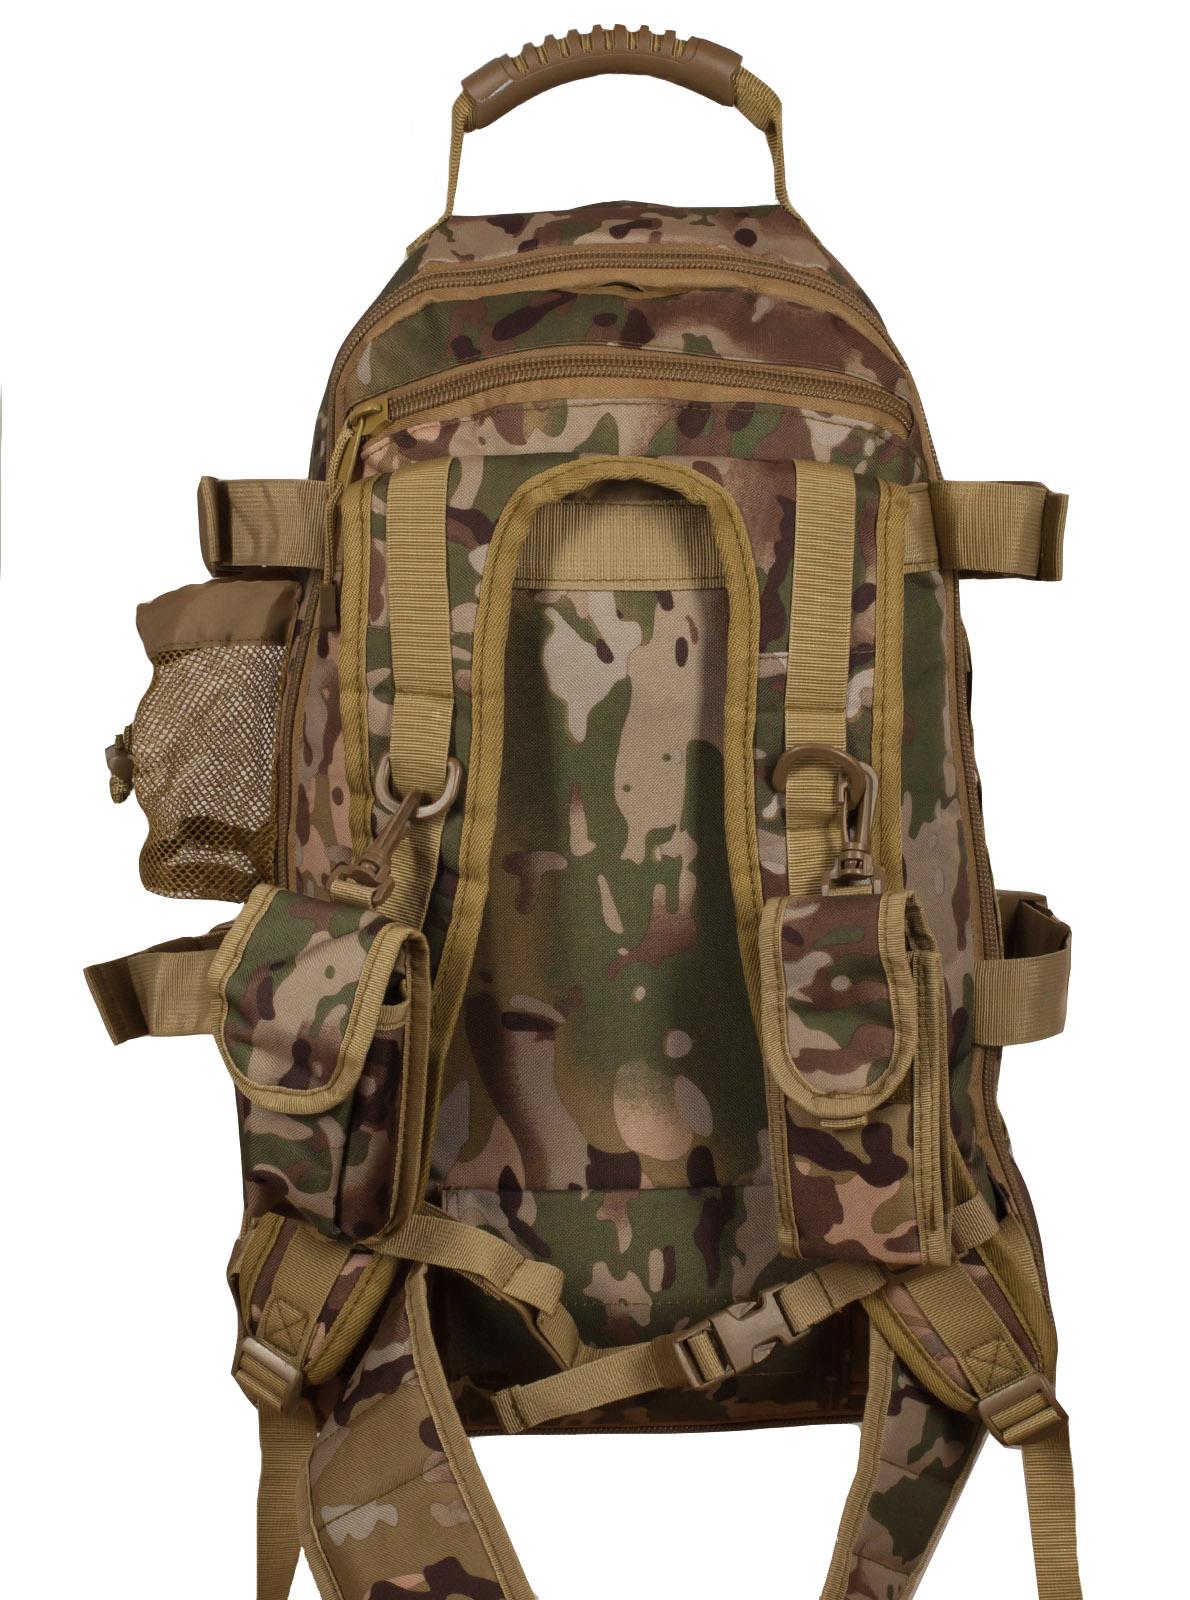 Купить зачетный трехдневный рюкзак с нашивкой Потомственный Казак с доставкой в ваш город